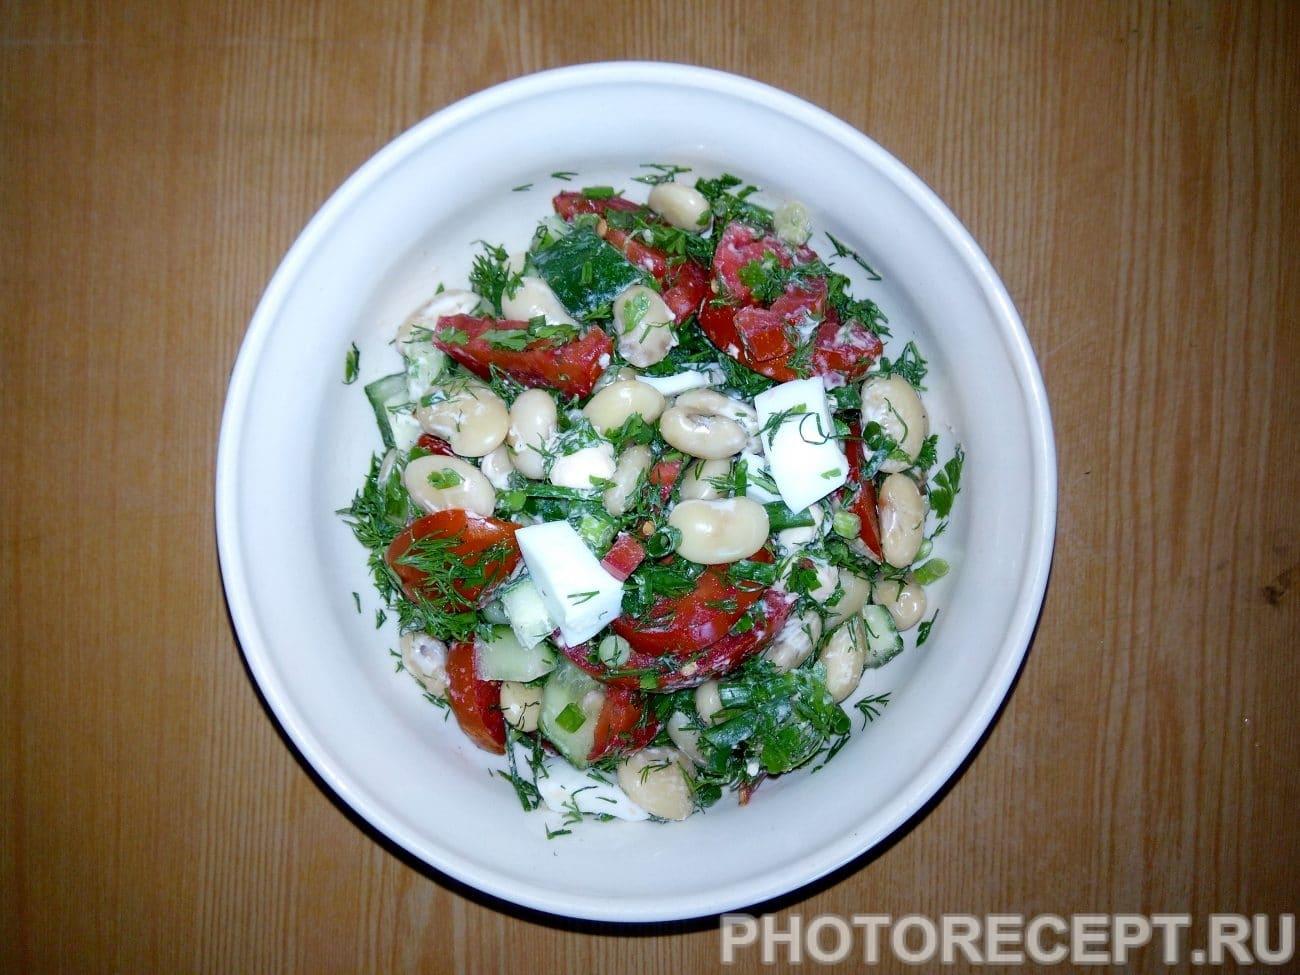 Салат из фасоли с овощами и яйцом